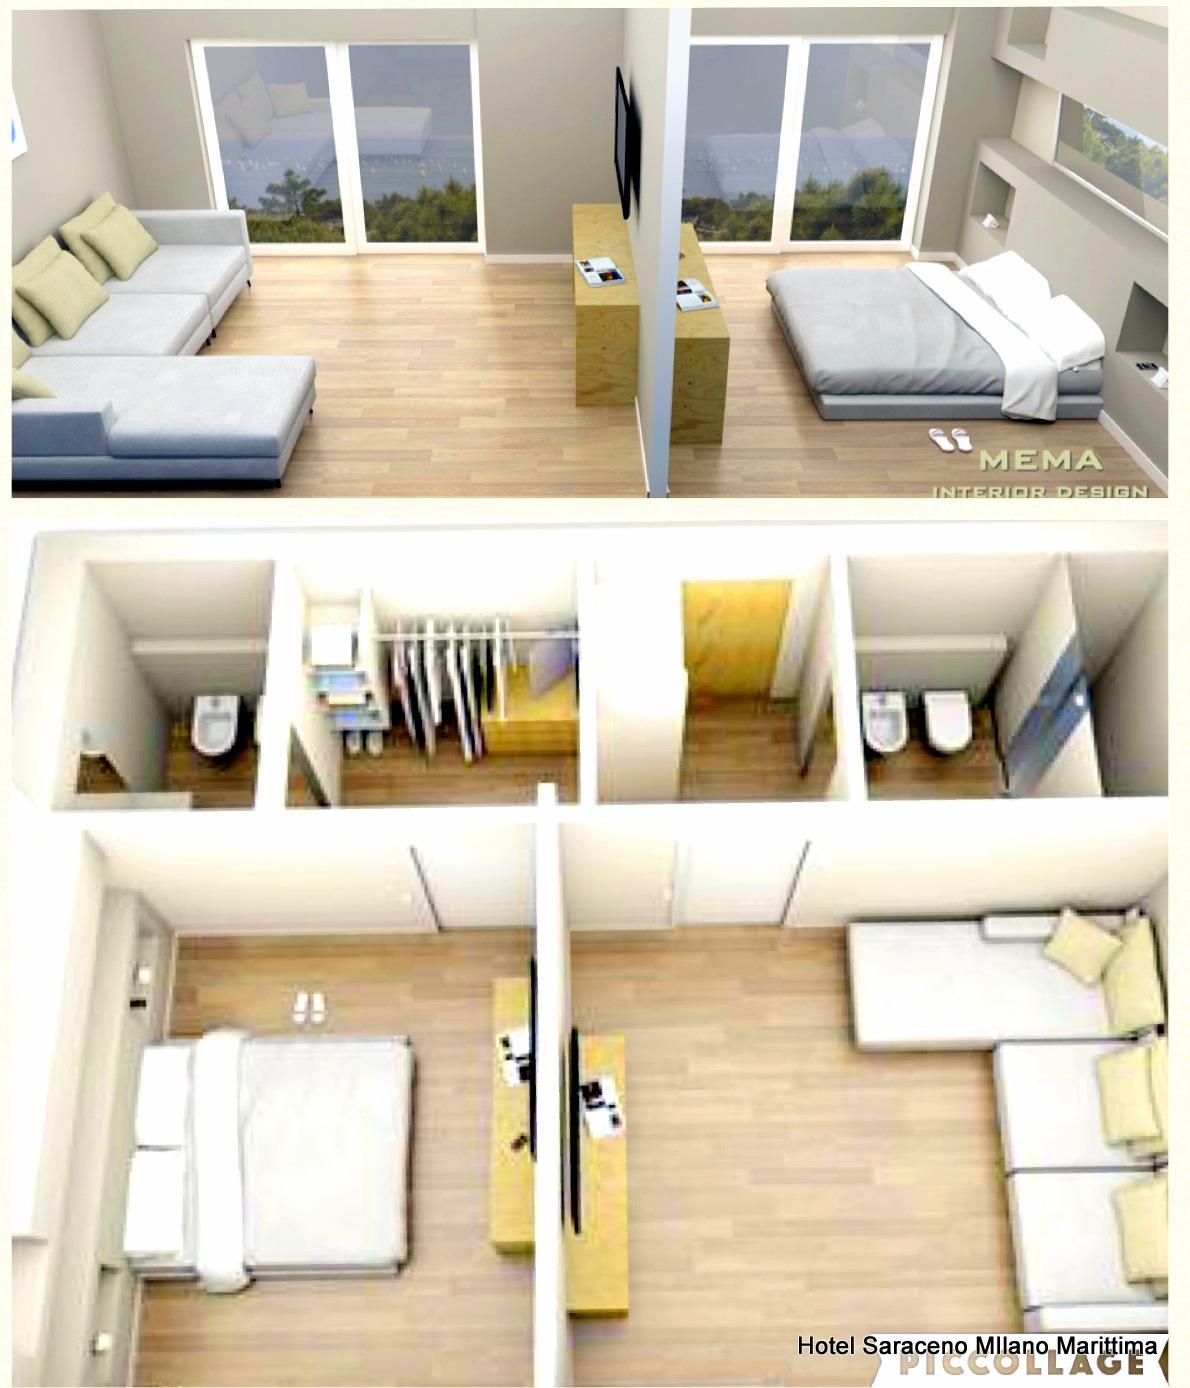 suite family con camere comunicanti, camera familiare hotel saraceno 4 stelle milano marittima